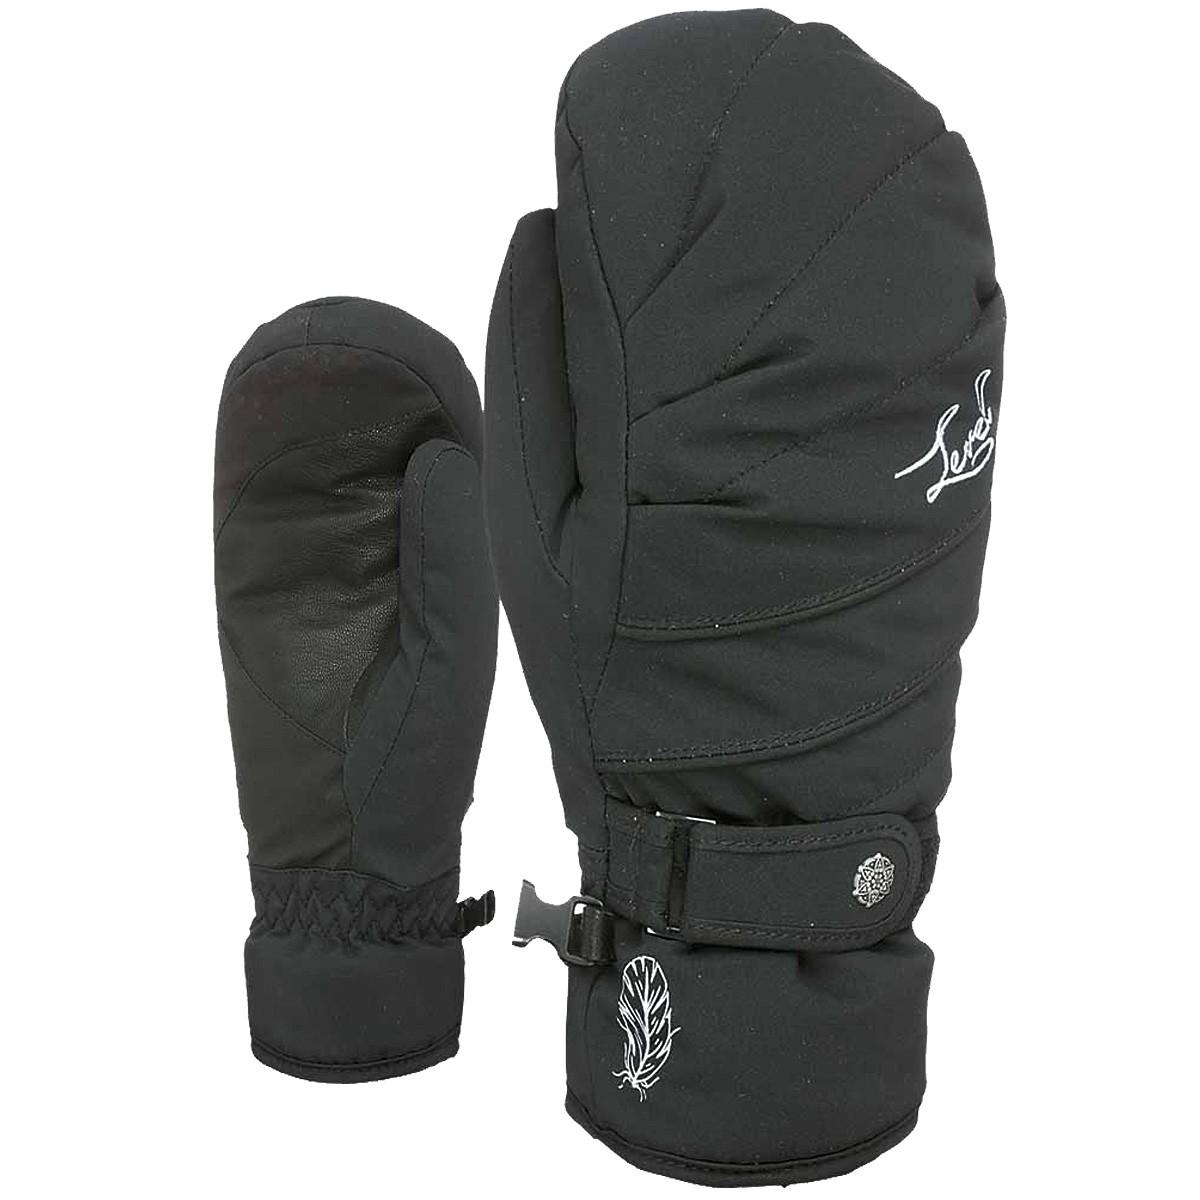 moufles ski level ultralite femme gants ski. Black Bedroom Furniture Sets. Home Design Ideas